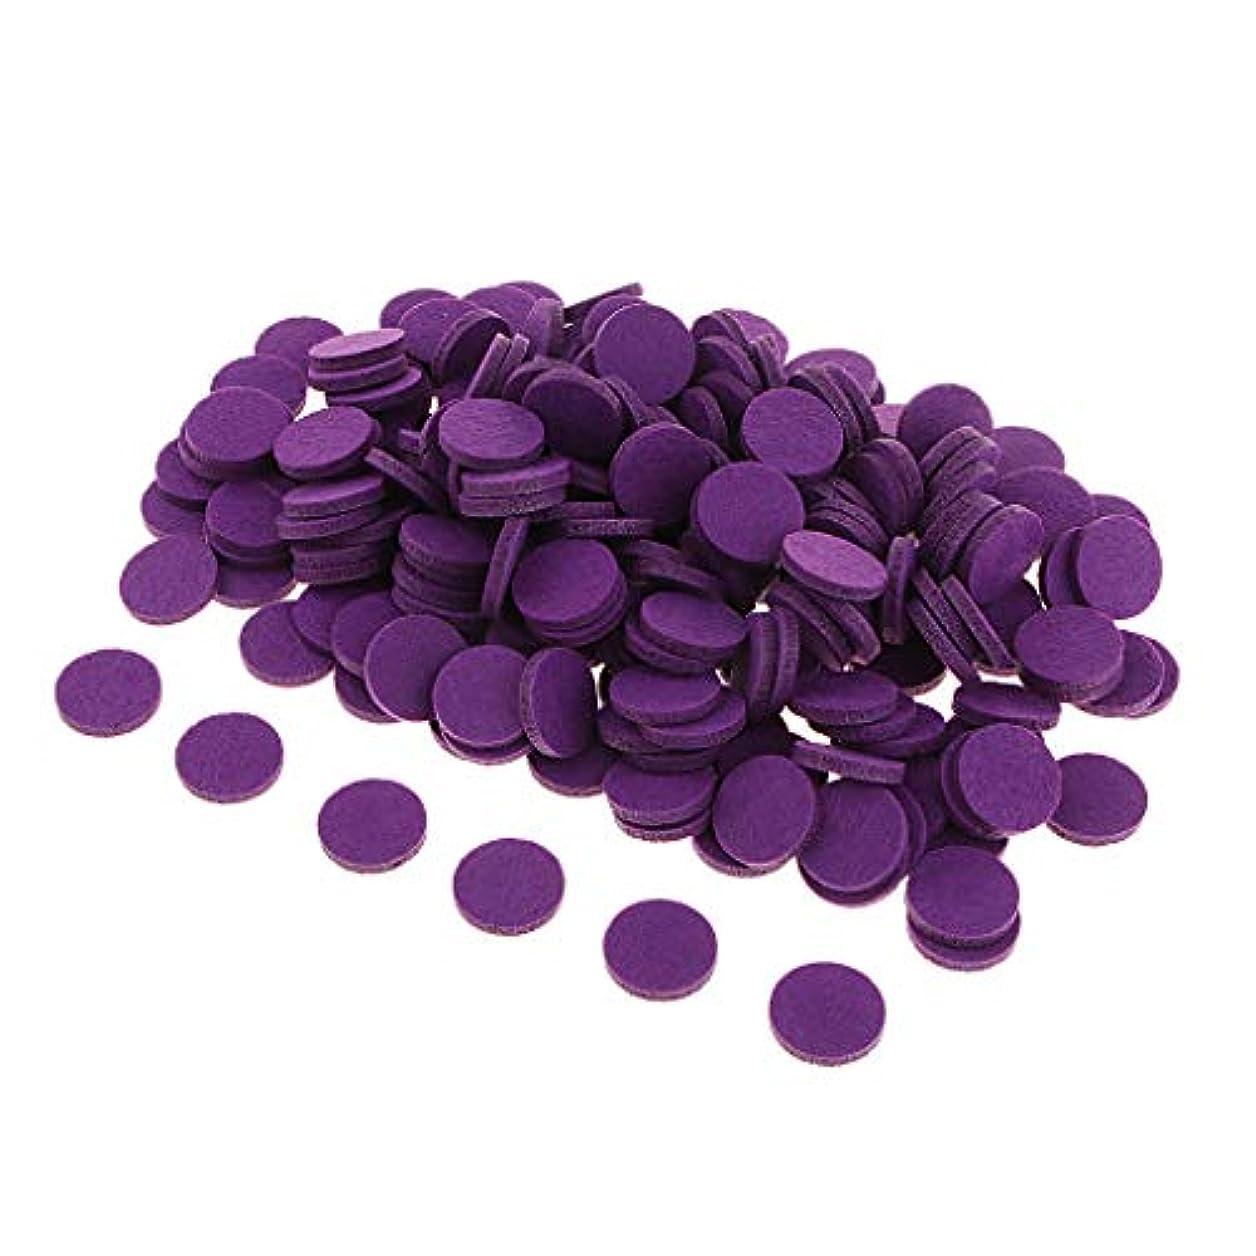 精油付き ロマテラピー用オイルパッド チェアマット 交換用 香水 精油 車 全11色 約200個入り - 紫の